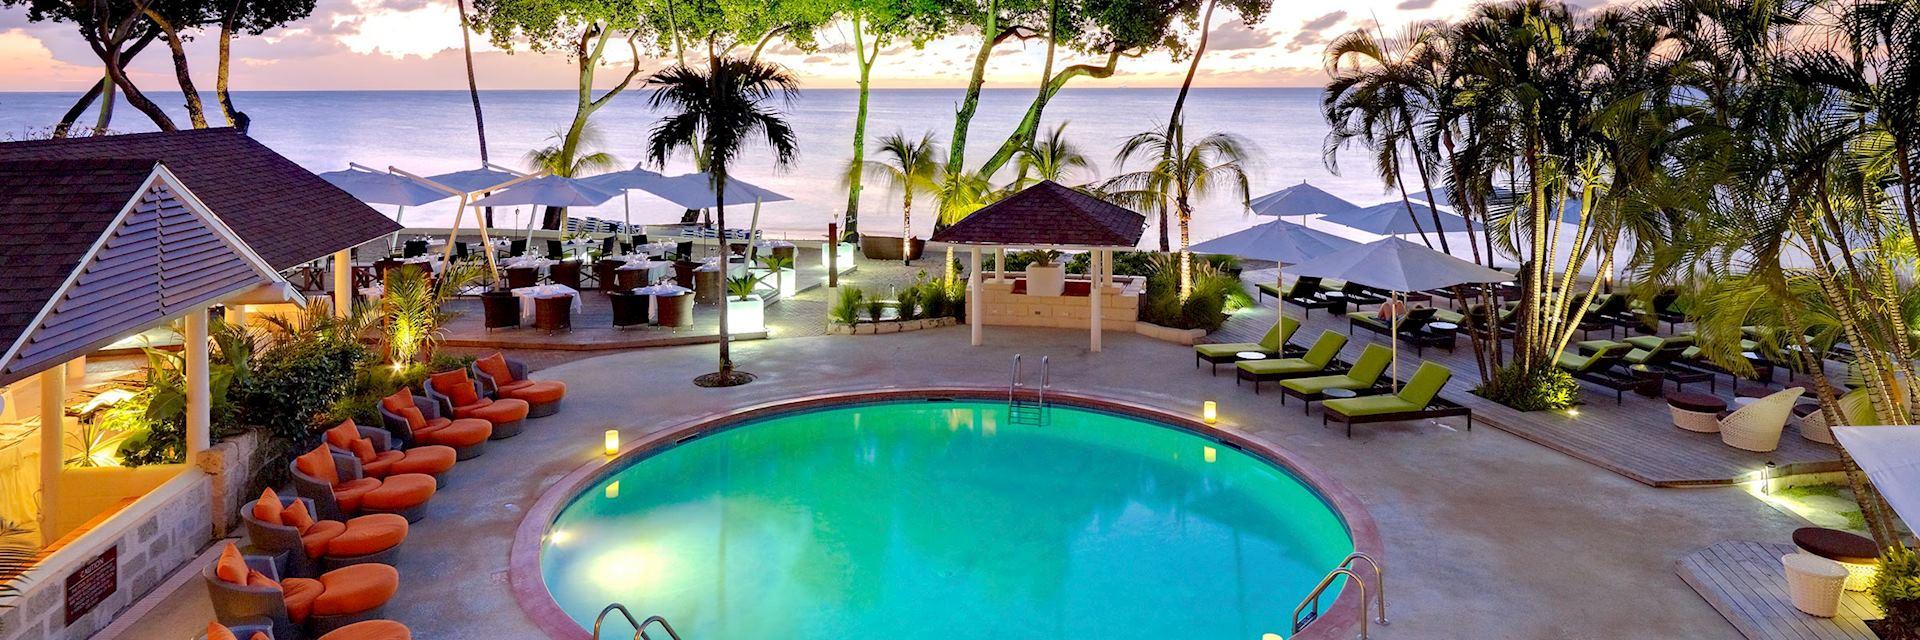 Tamarind by Elegant Hotels, Barbados